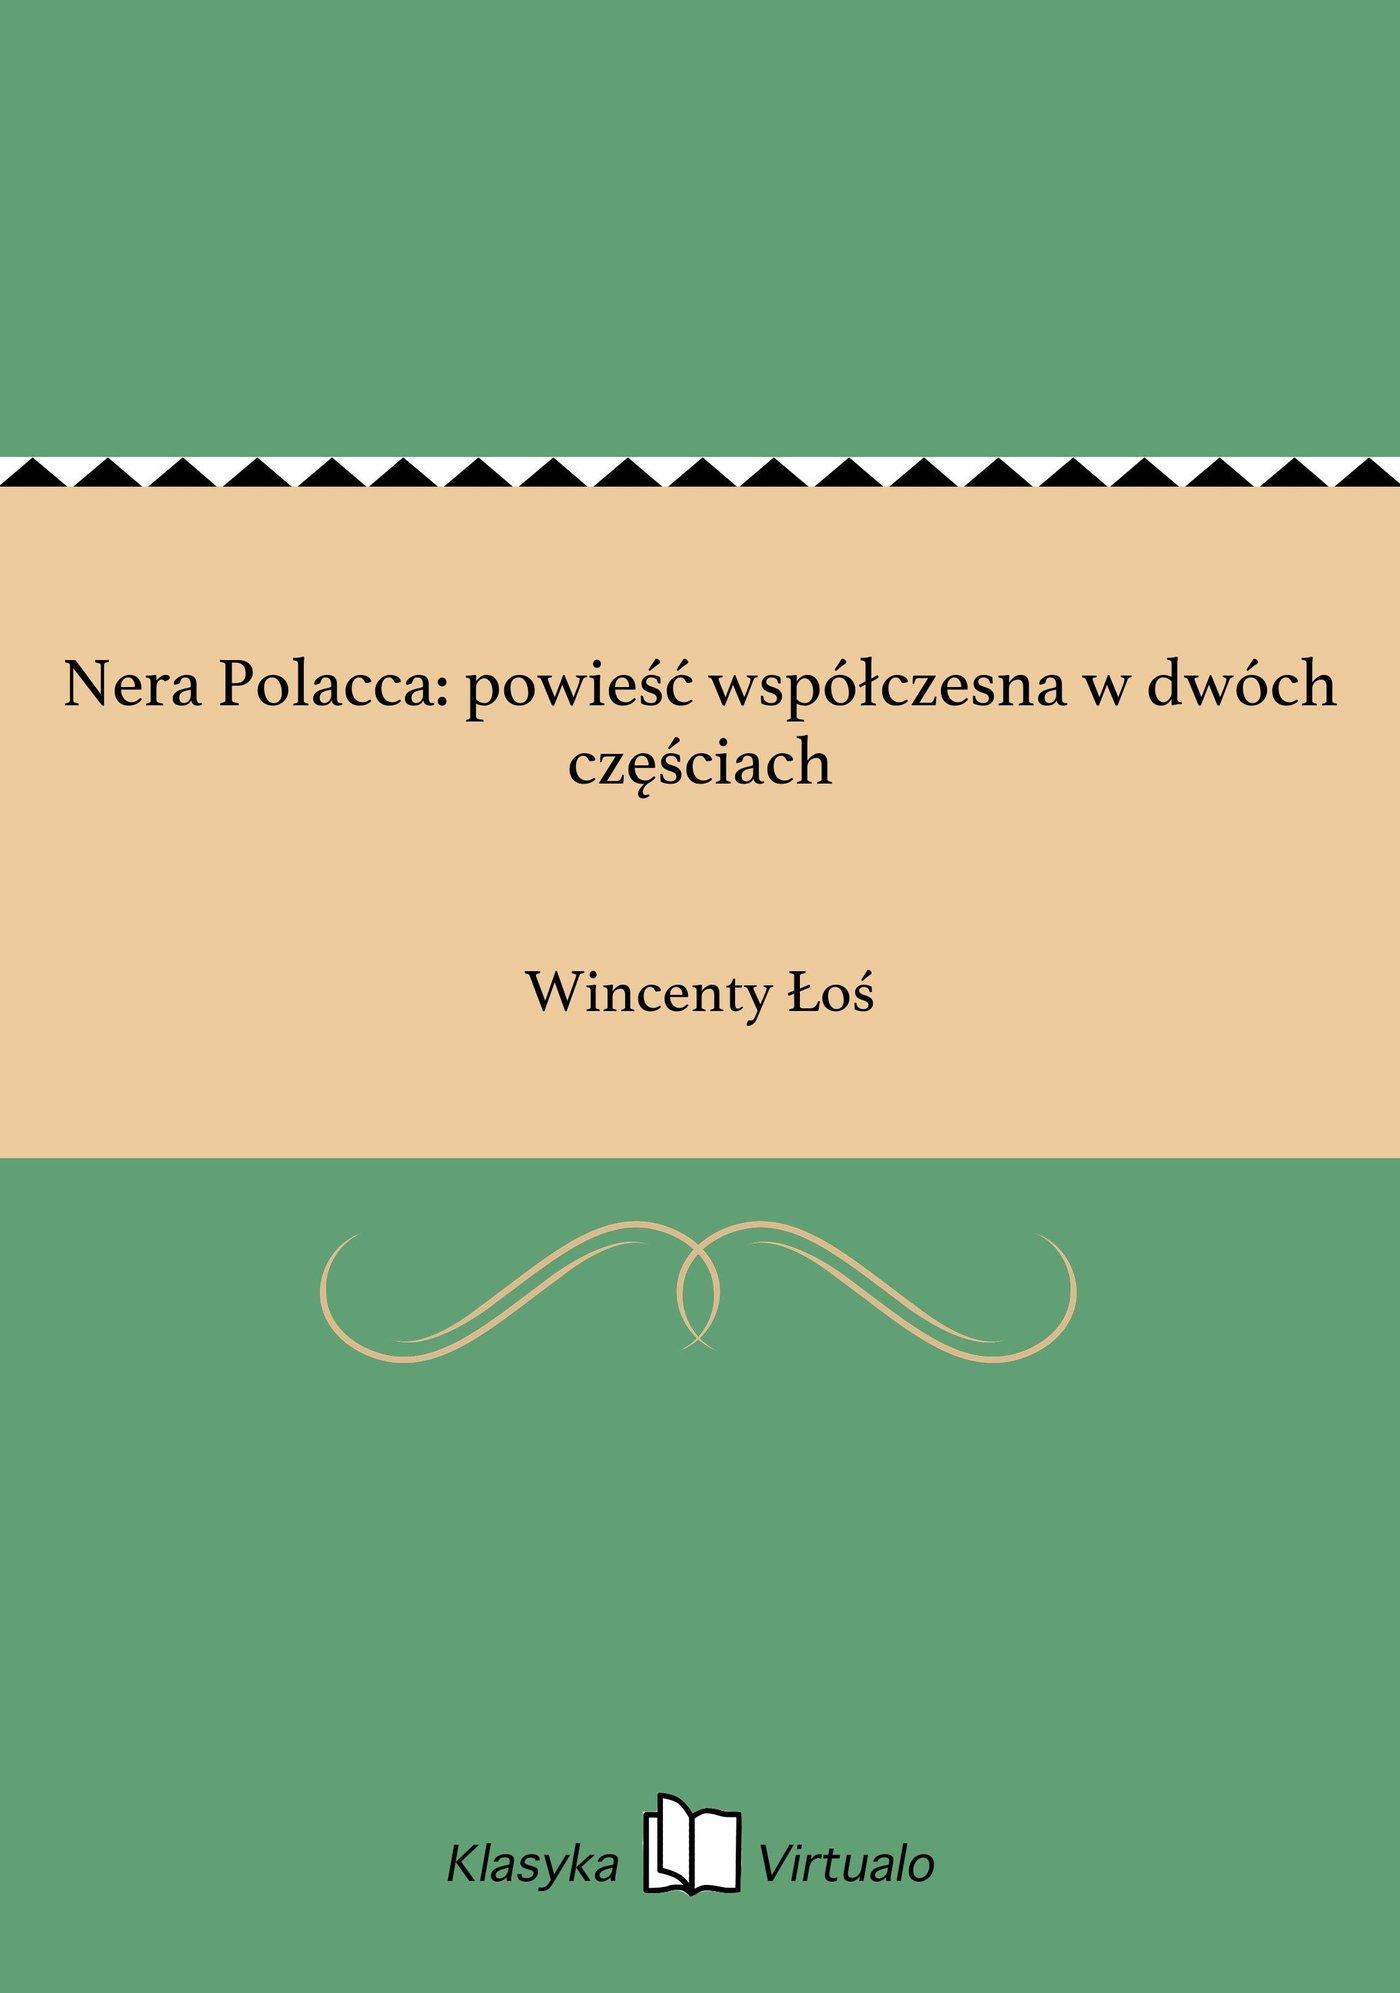 Nera Polacca: powieść współczesna w dwóch częściach - Ebook (Książka EPUB) do pobrania w formacie EPUB